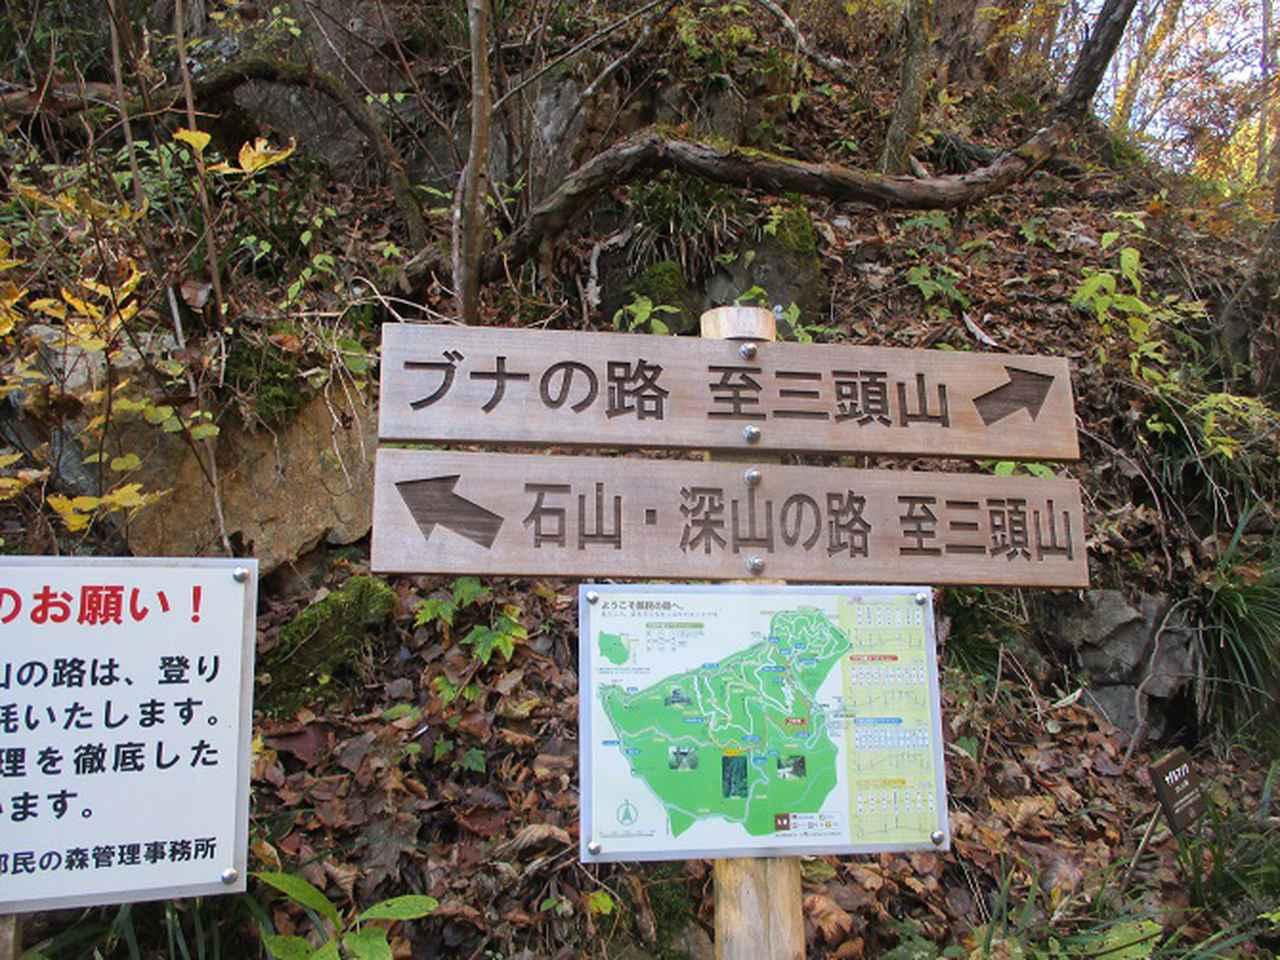 画像4: 11月の山旅会 都民の森から槙寄山 ツアーの下見に行ってきました!